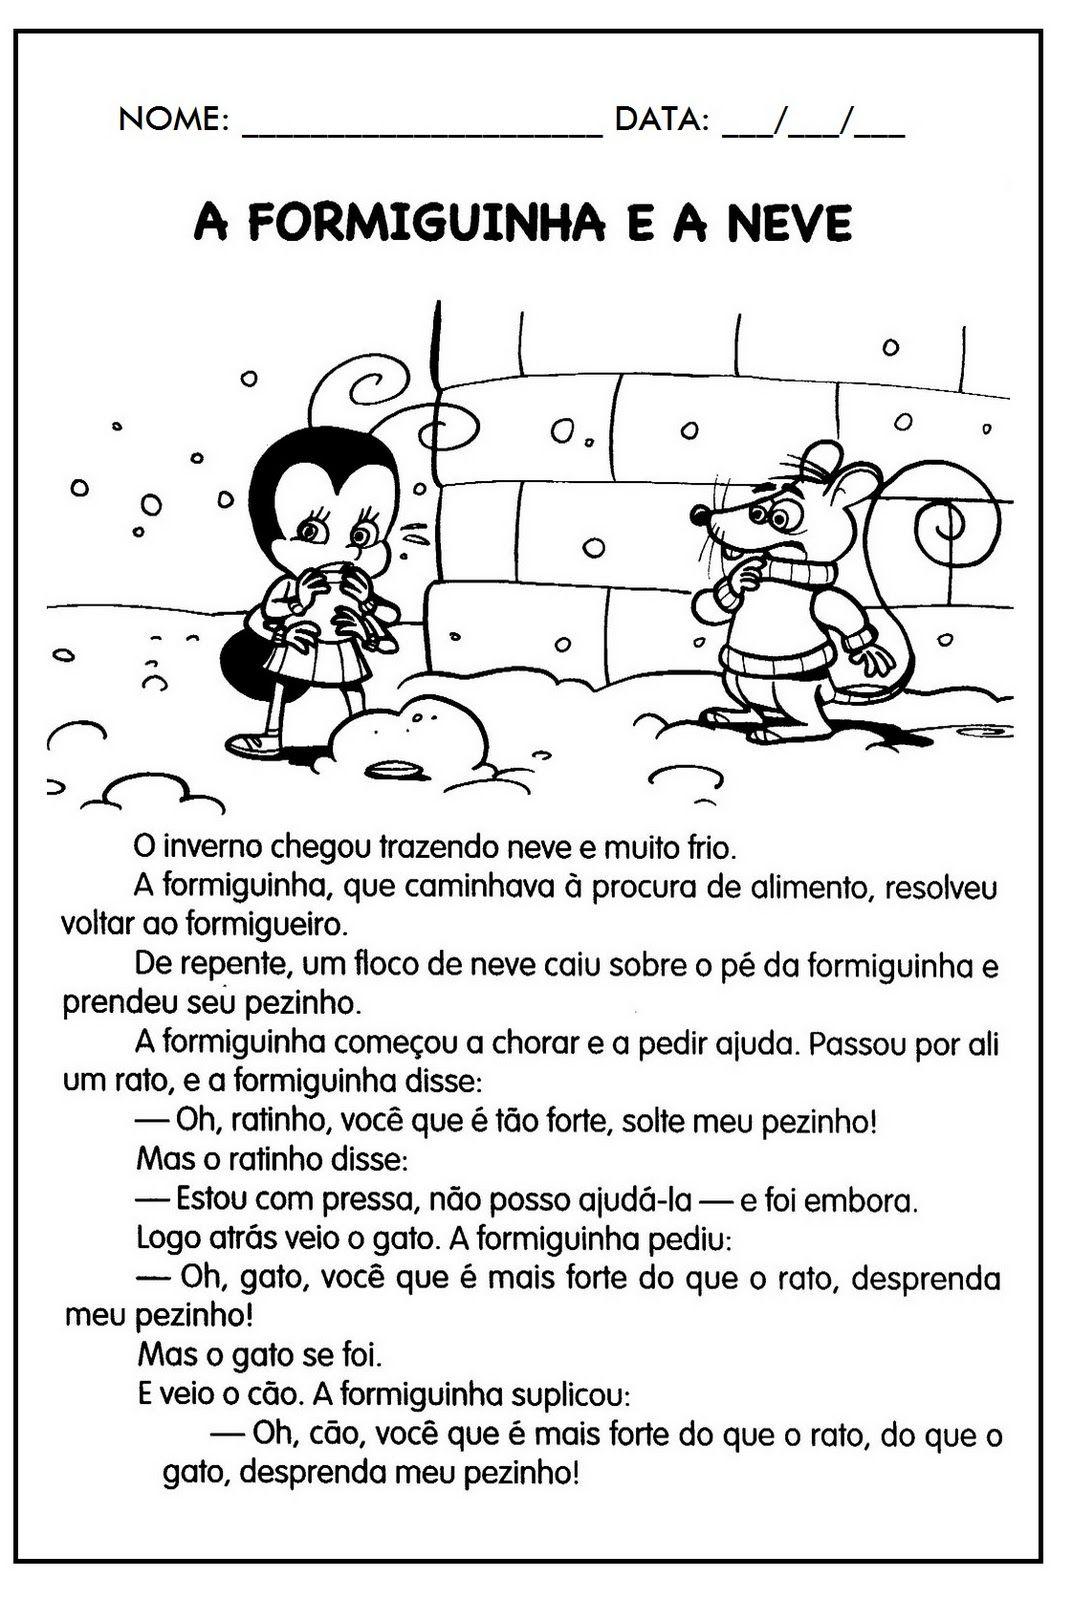 Resultado De Imagem Para Historia Completa A Formiguinha E A Neve